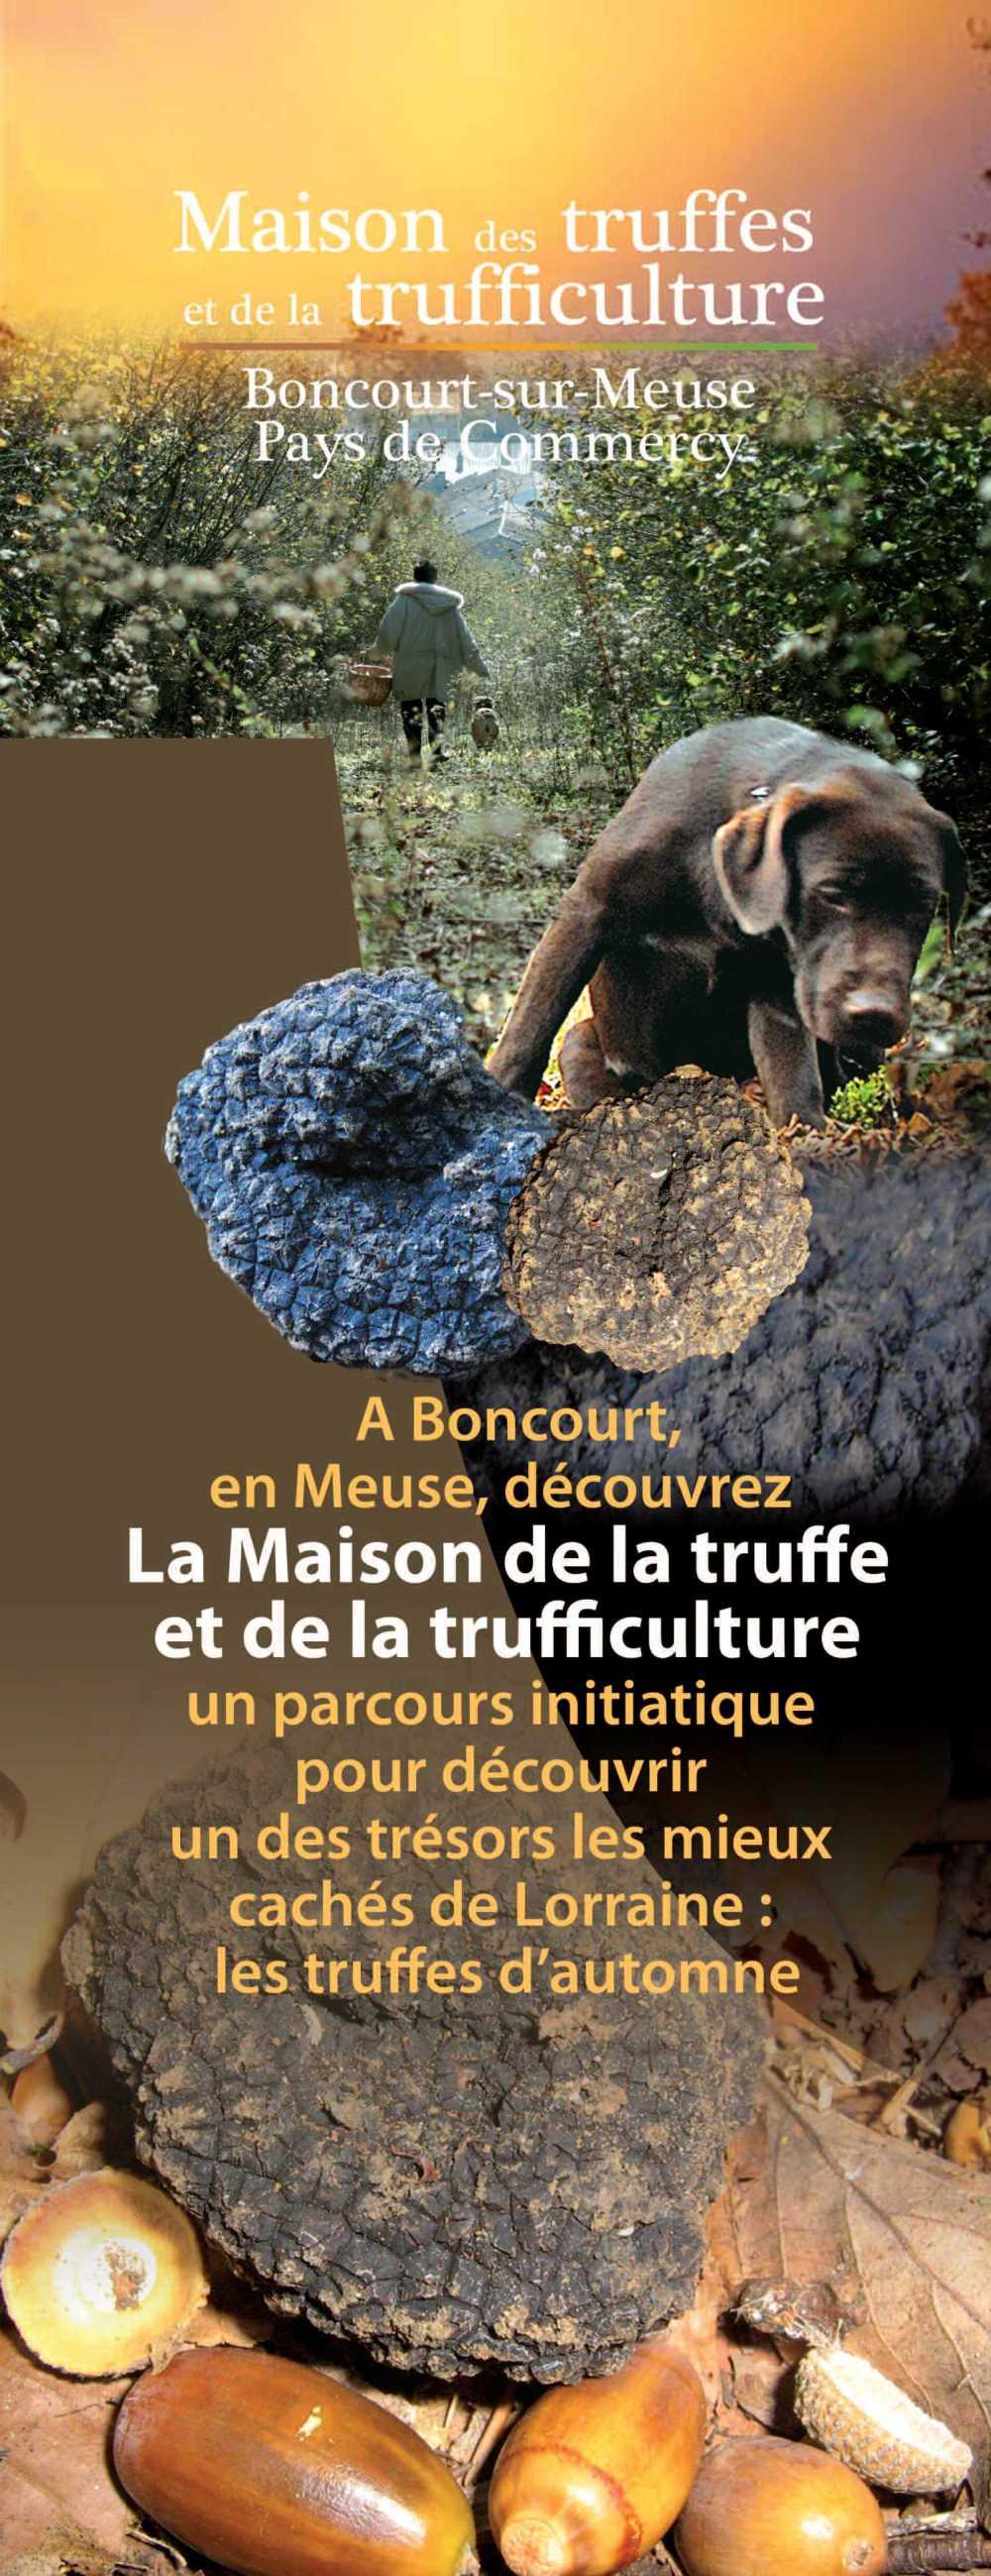 La maison des truffes et de la trufficulture boncourt meuse - La maison de la truffe ...